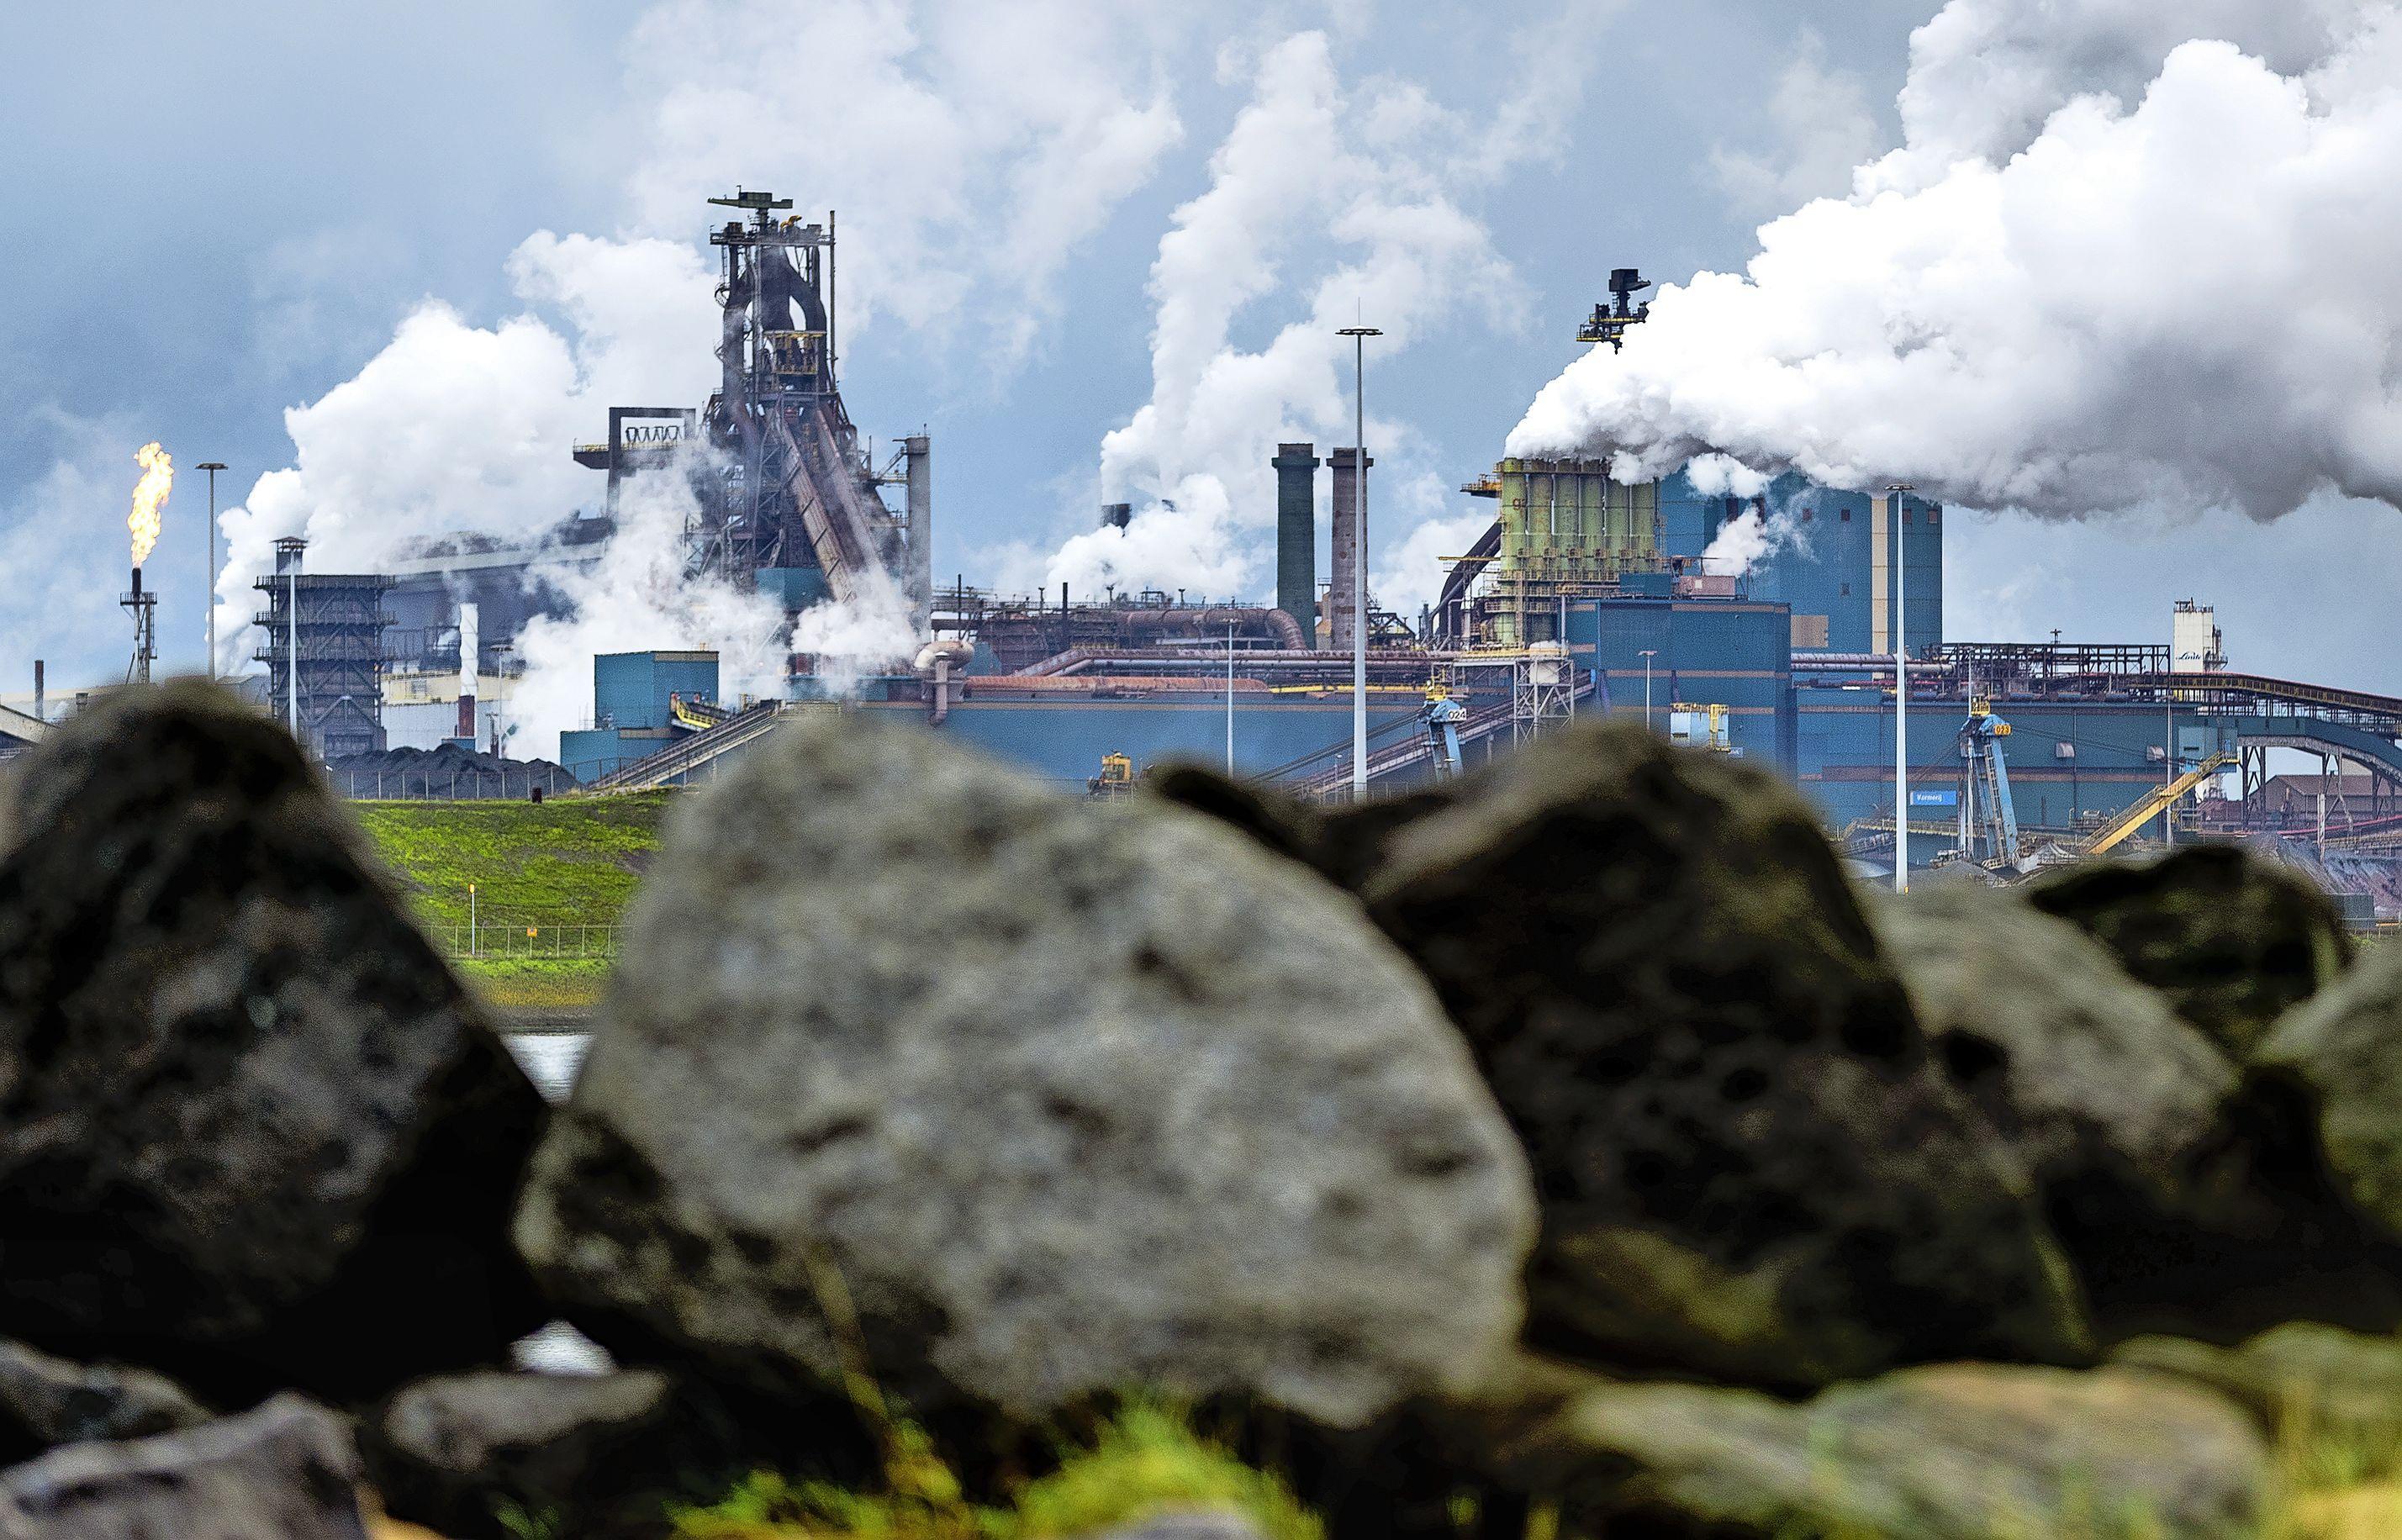 Vergroenplan Tata Steel onderwerp van onderzoek staalbedrijf en FNV; milieubeweging reageert nu al afkeurend